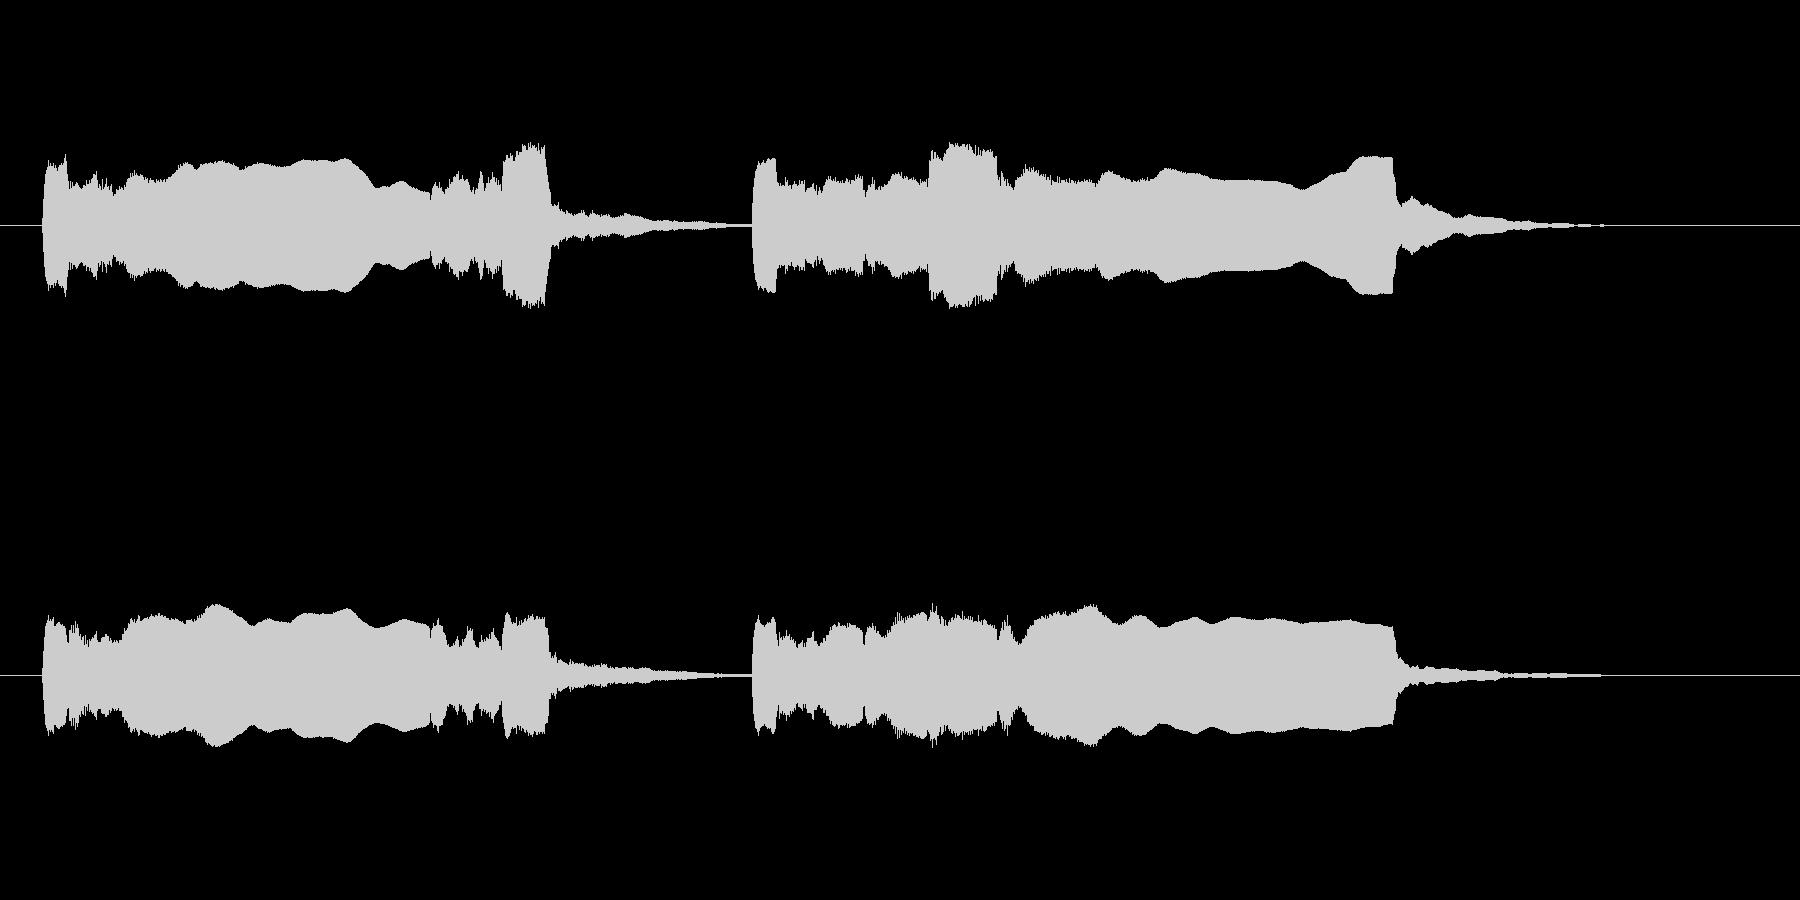 屋台のチャルメラの未再生の波形